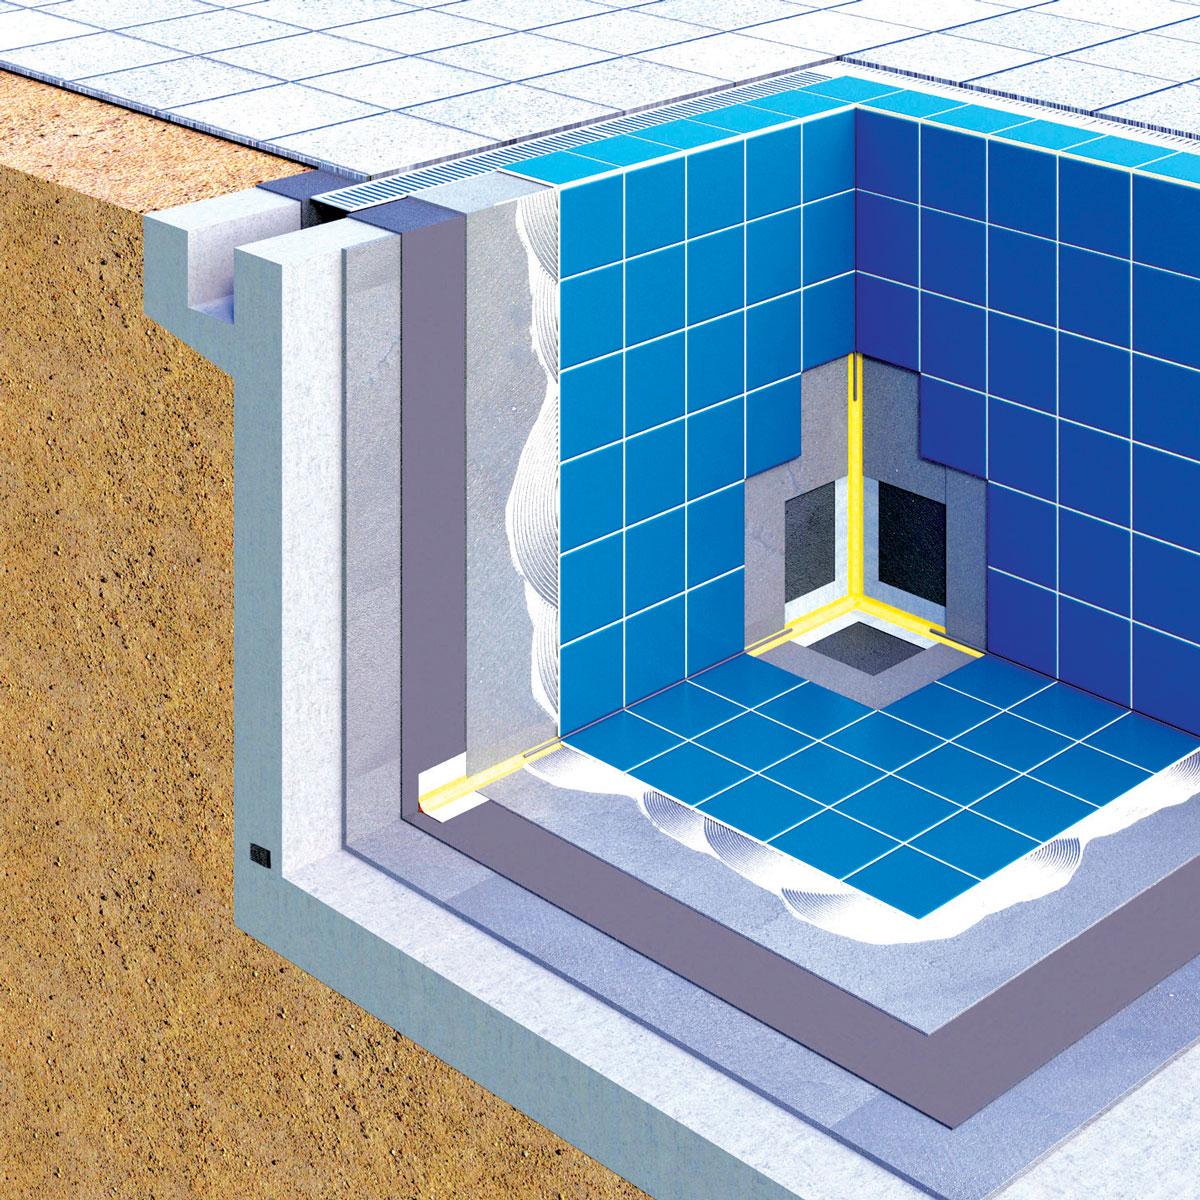 Bazenske konstrukcije su obično napravljene od vodonepropusnog betona